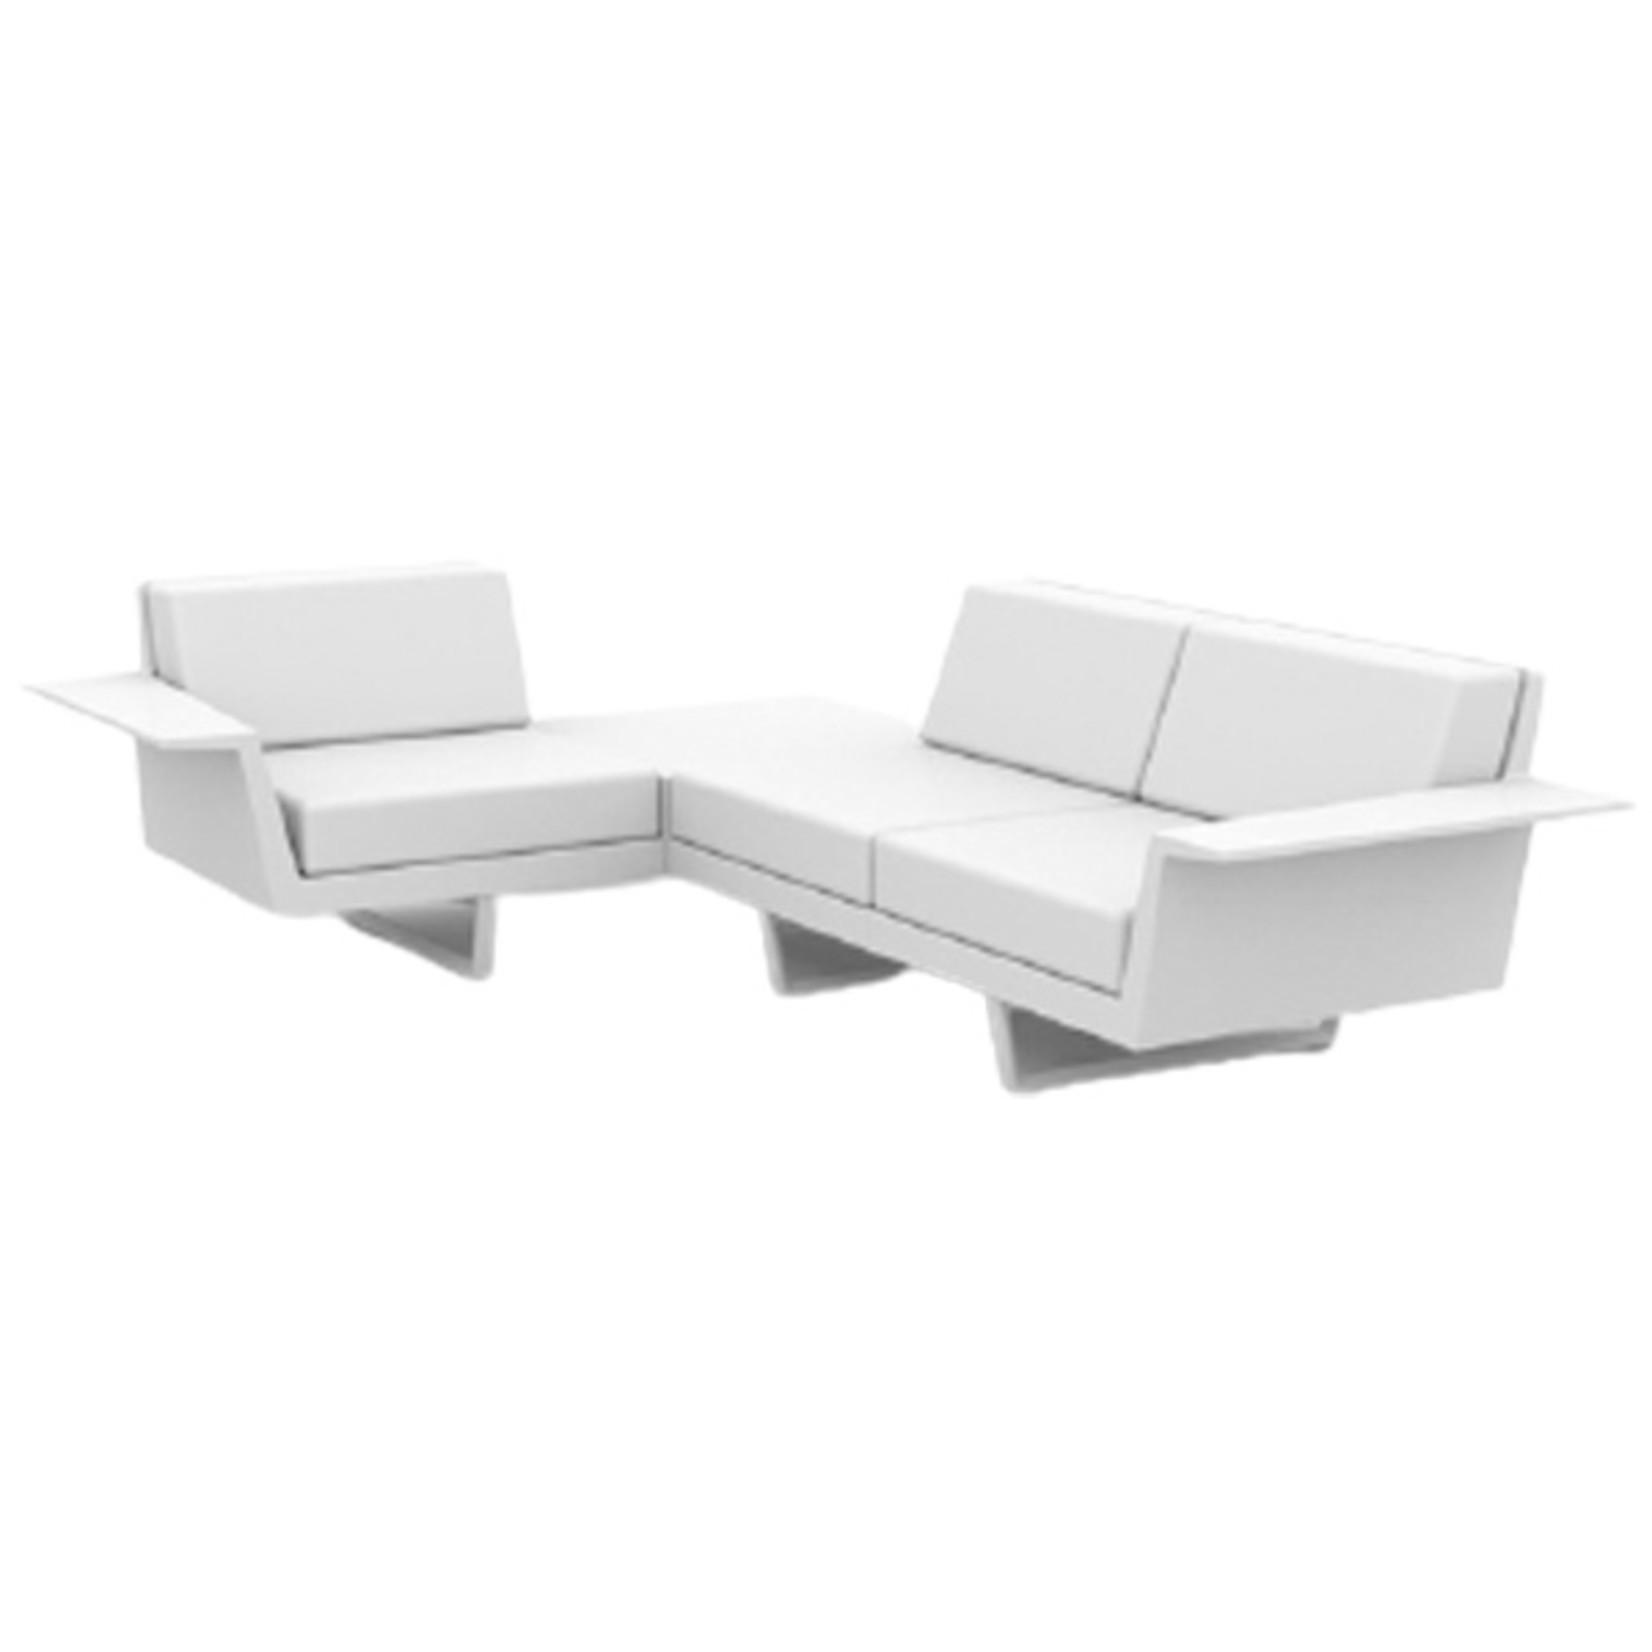 Vondom DELTA Corner Sofa 3 seat right